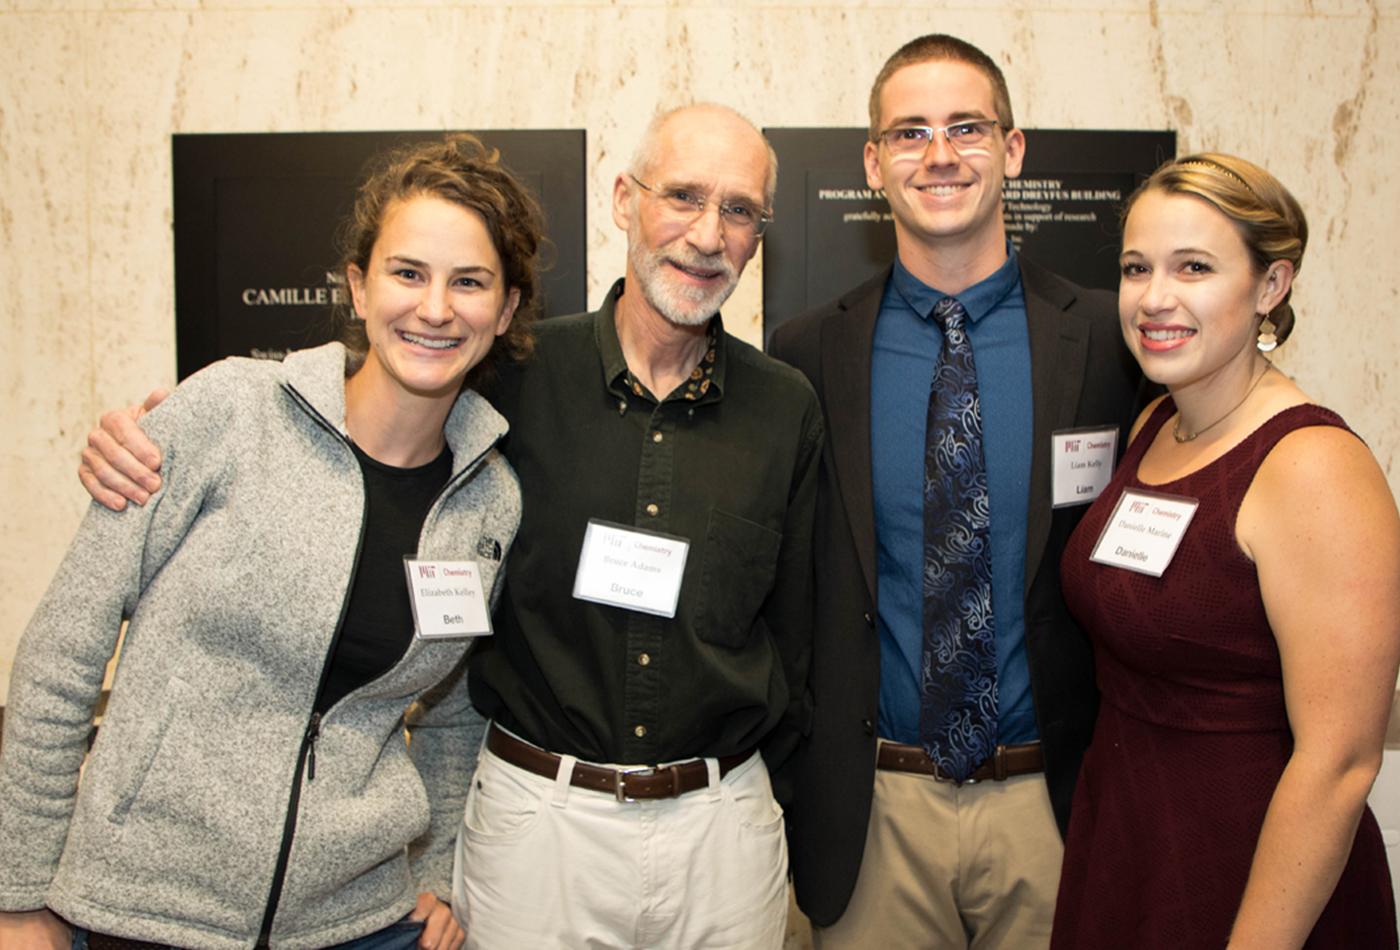 L-R: Elizabeth(Beth) Kelley, (PhD 2017, V), Dr. Bruce Adams, Liam Kelly; grad student, Liam's wife, Danielle Marine